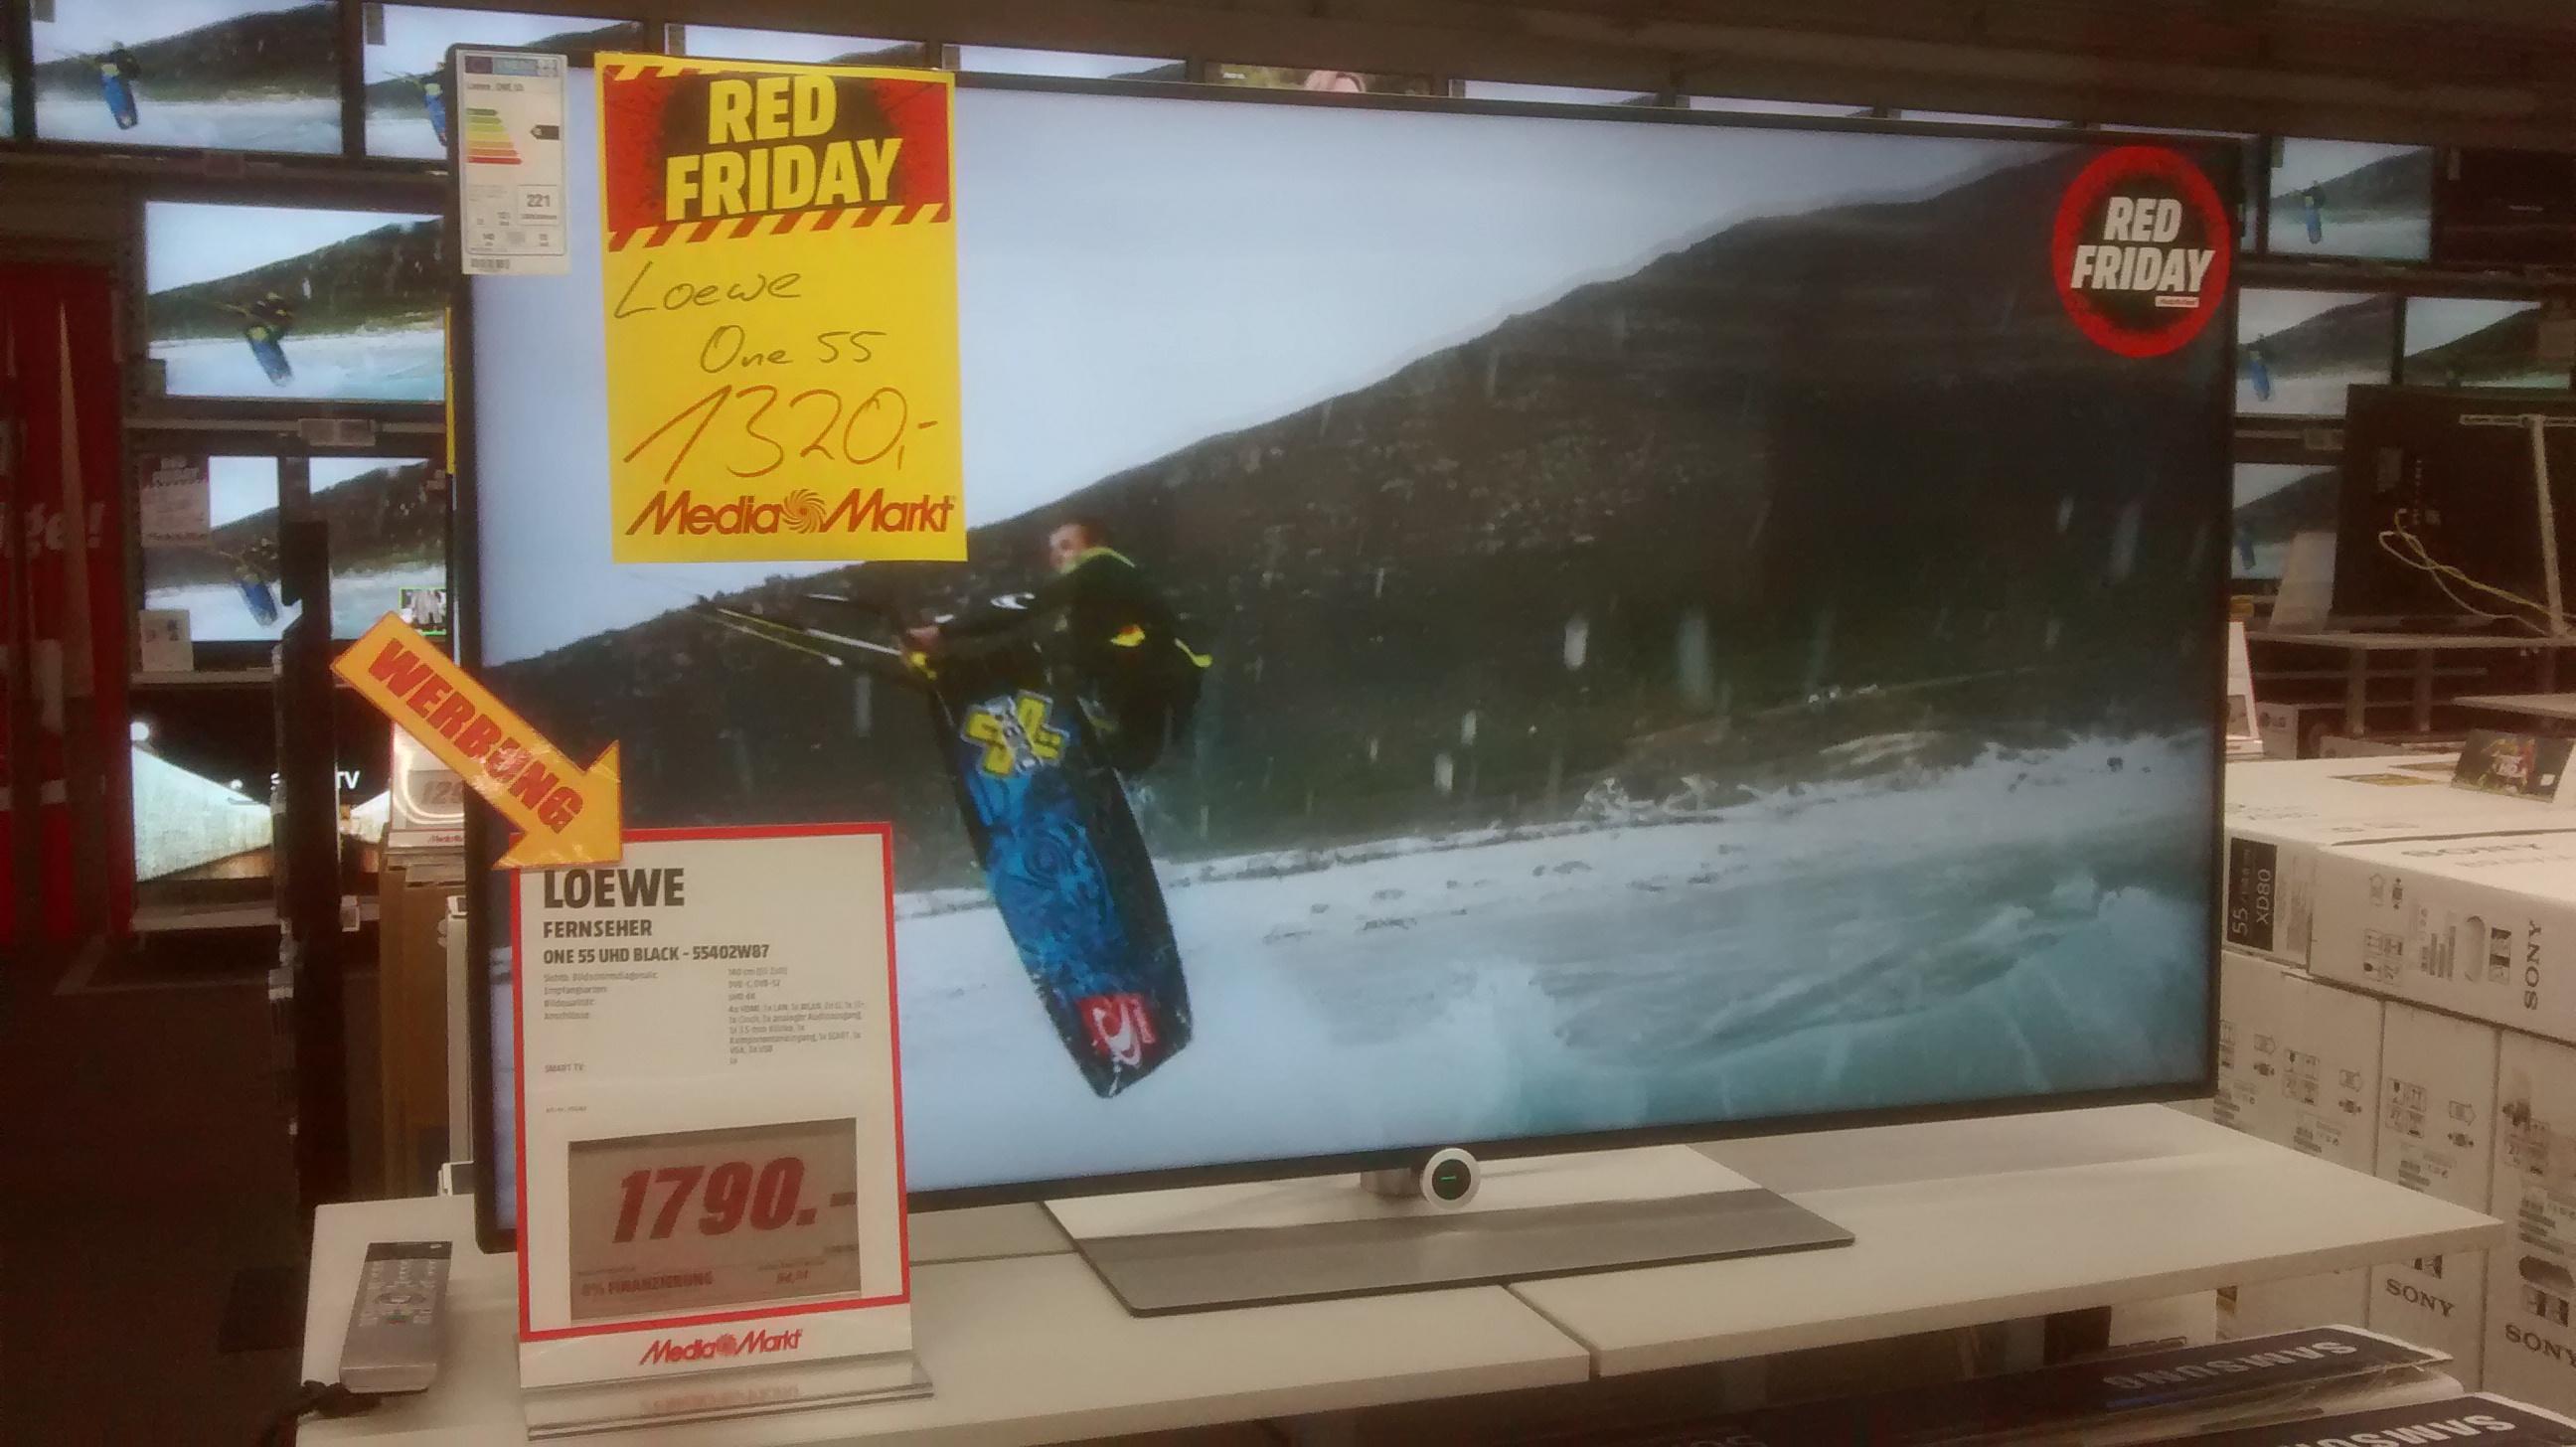 Loewe One 55 UHD-TV lokales Angebot MM Viernheim